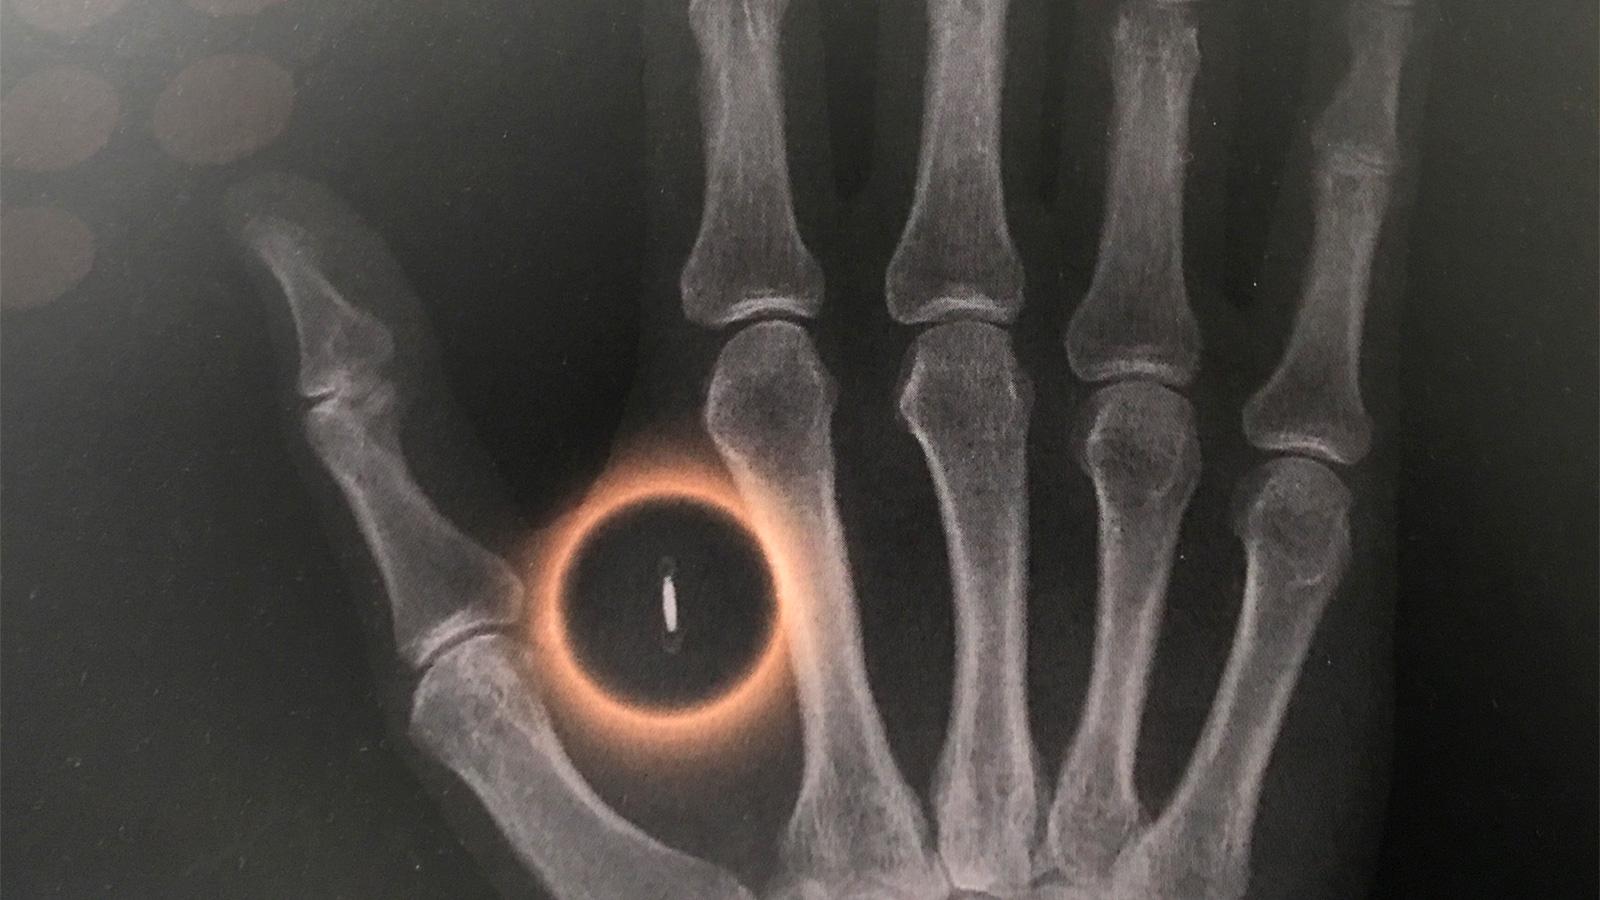 Röntgenbild eines Chipimplantats